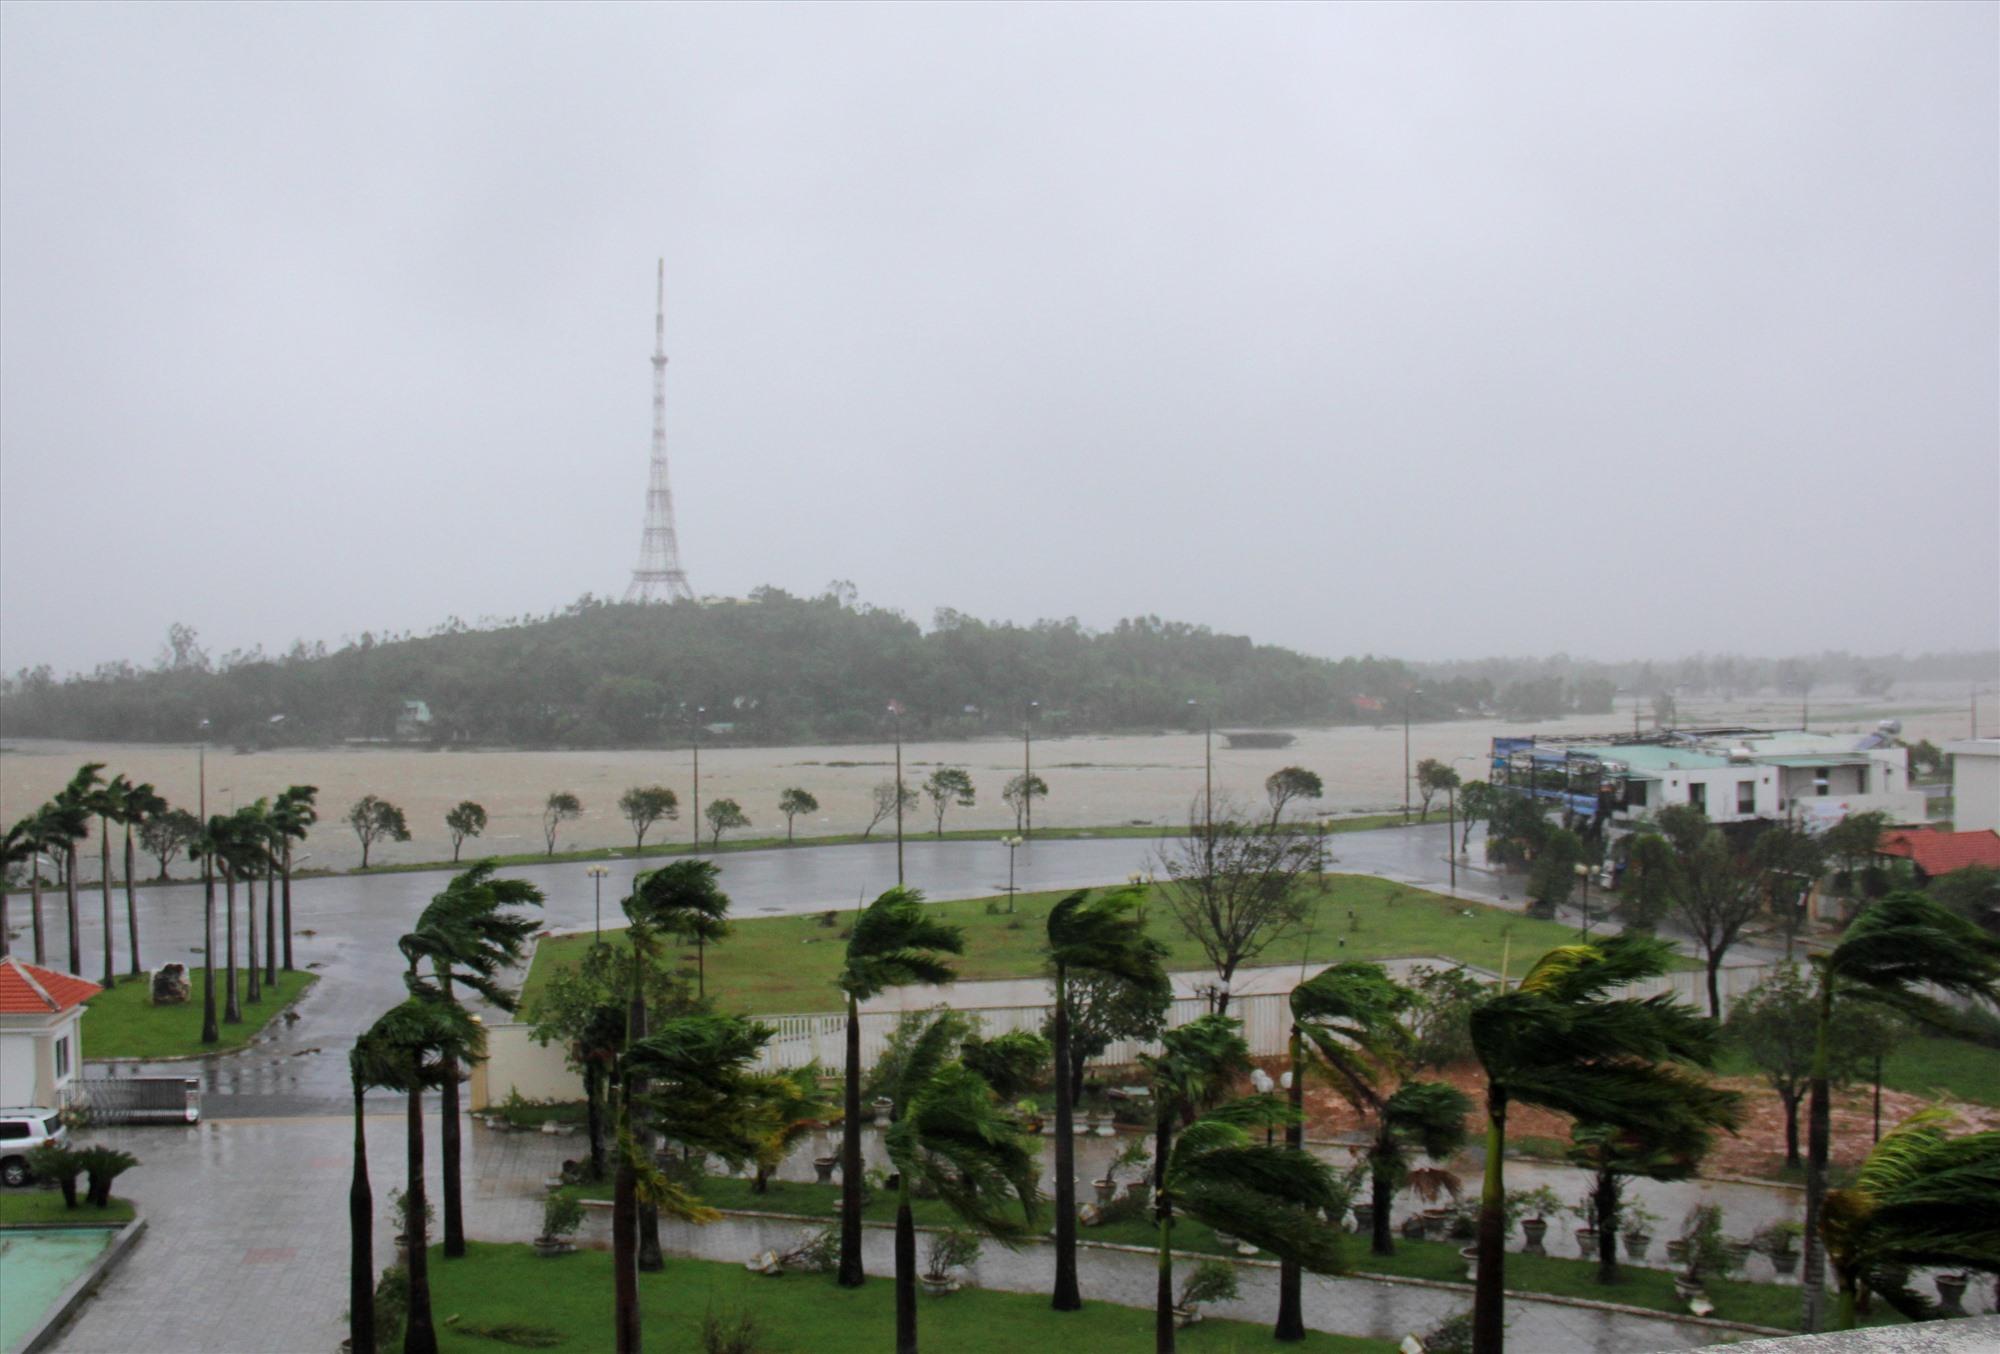 Hình ảnh mưa bão trước Trạm Phát sóng An Hà (TP.Tam Kỳ).